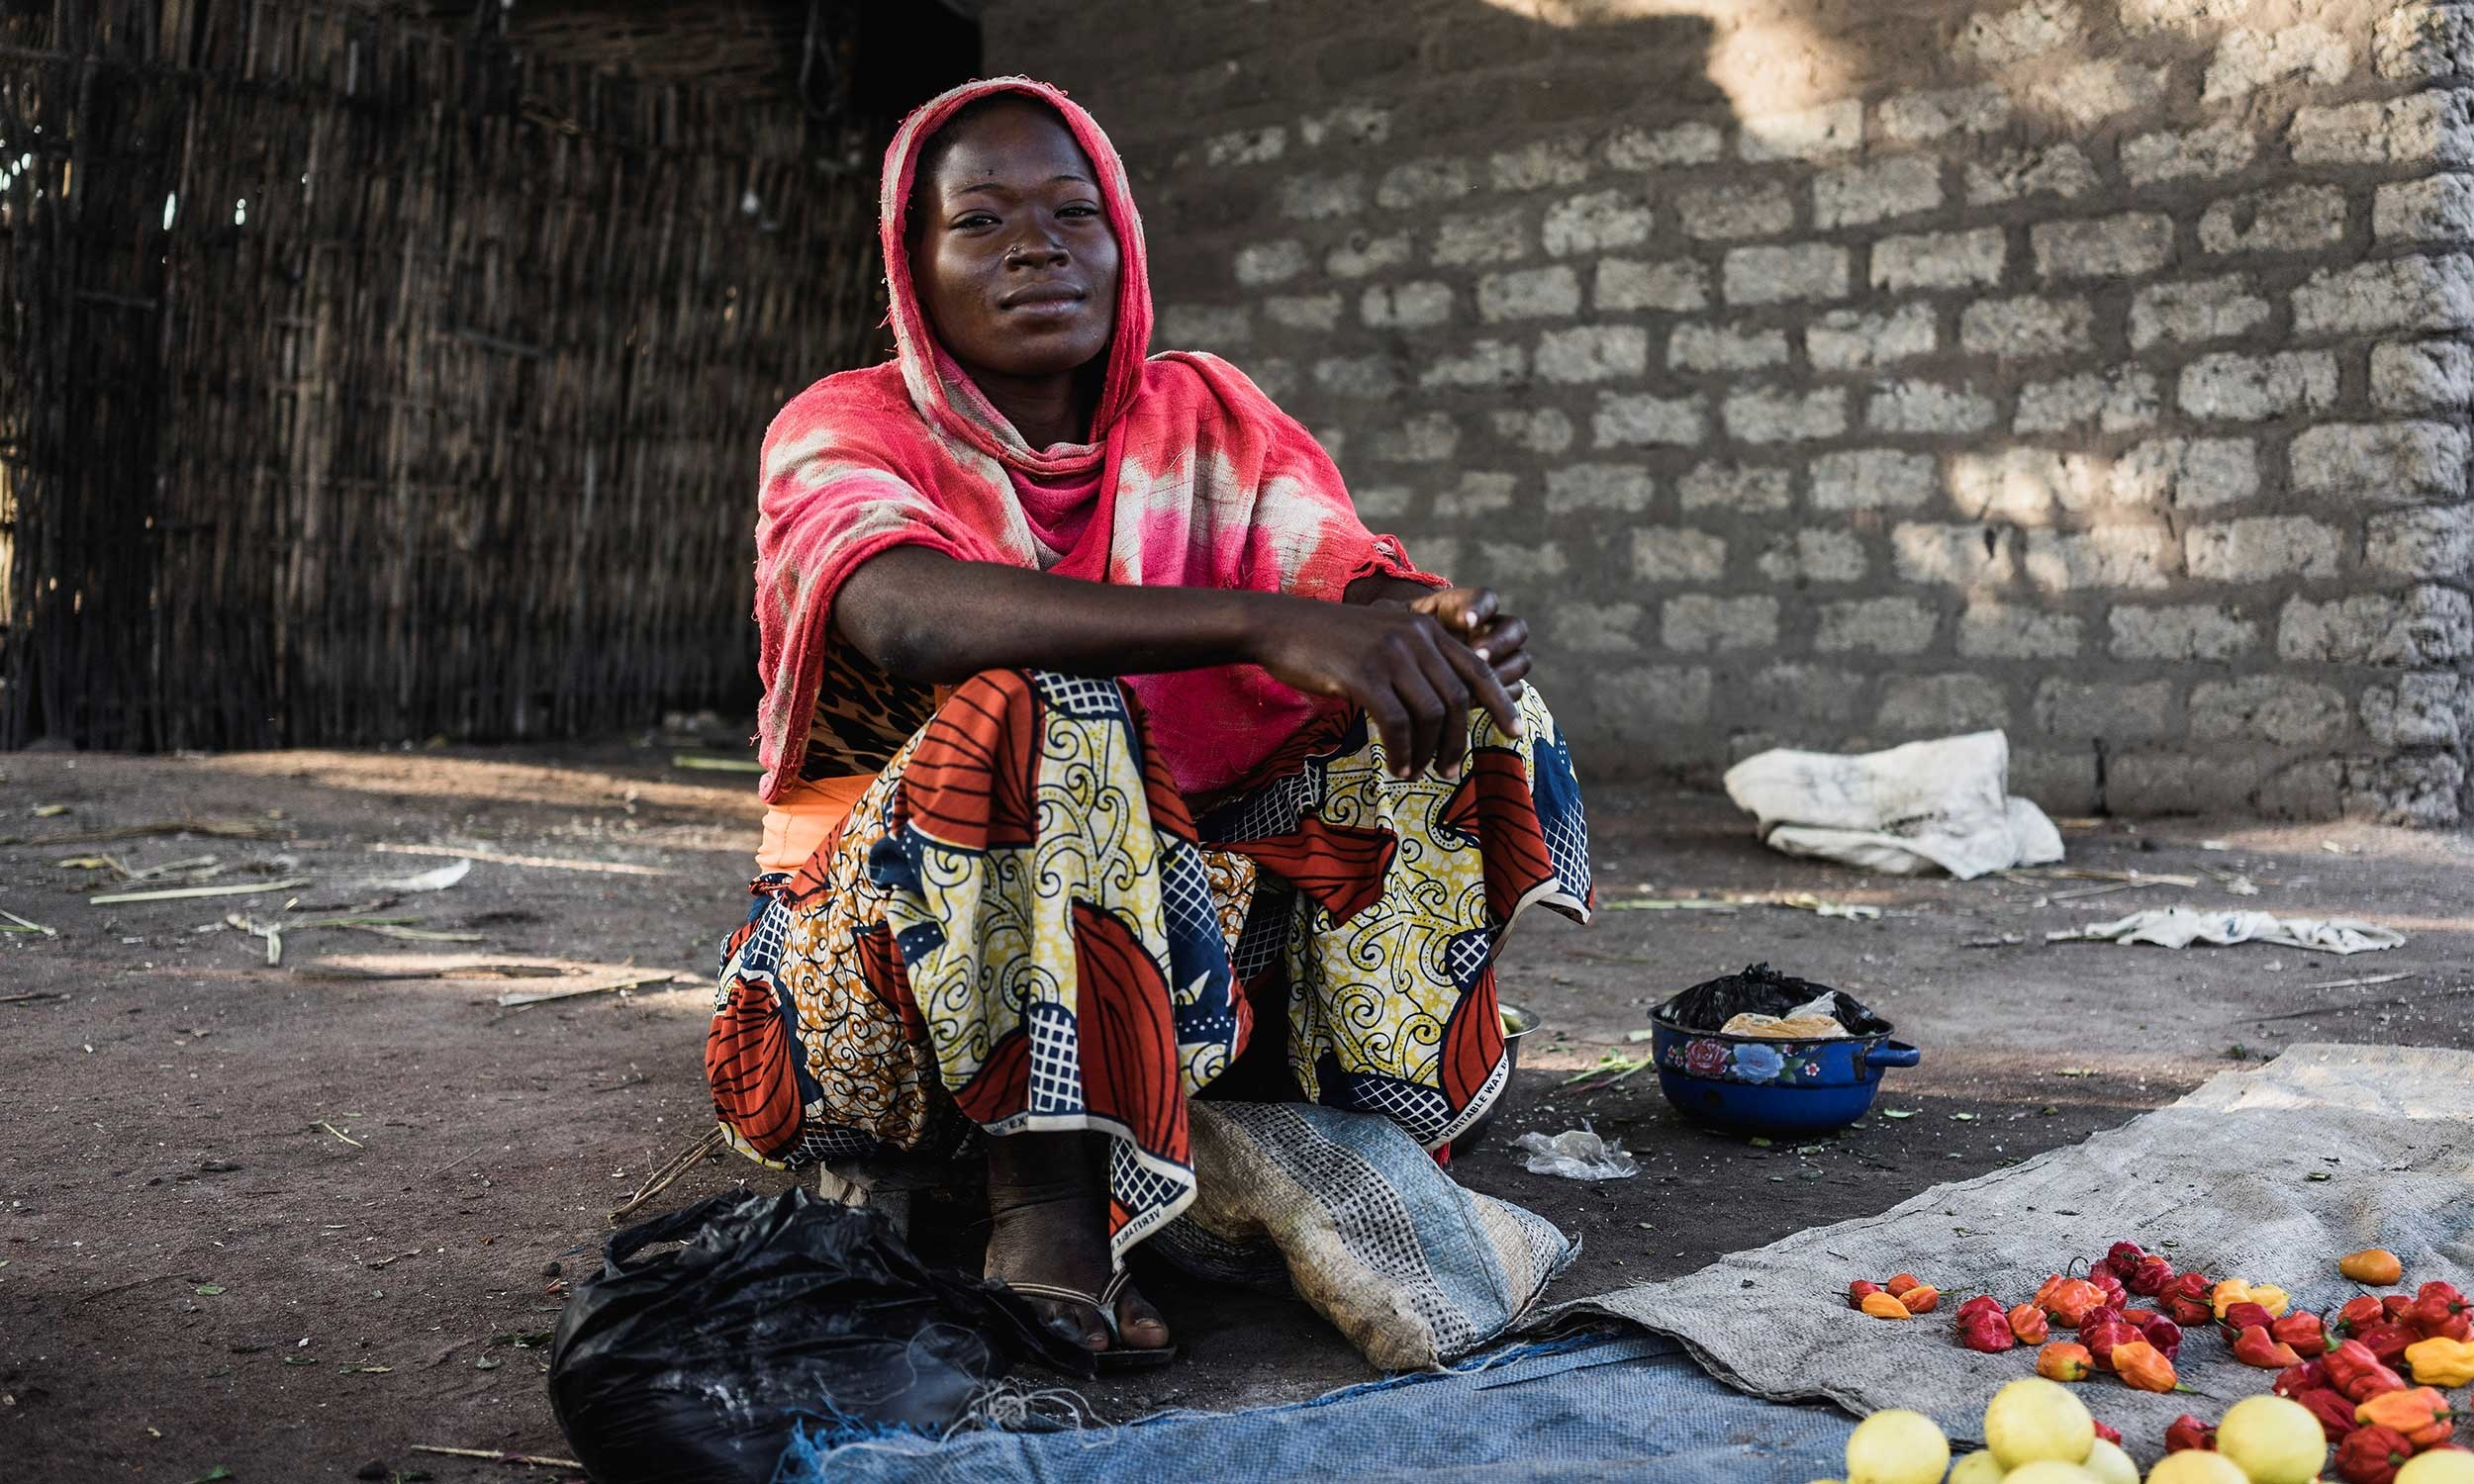 A woman sits outside.